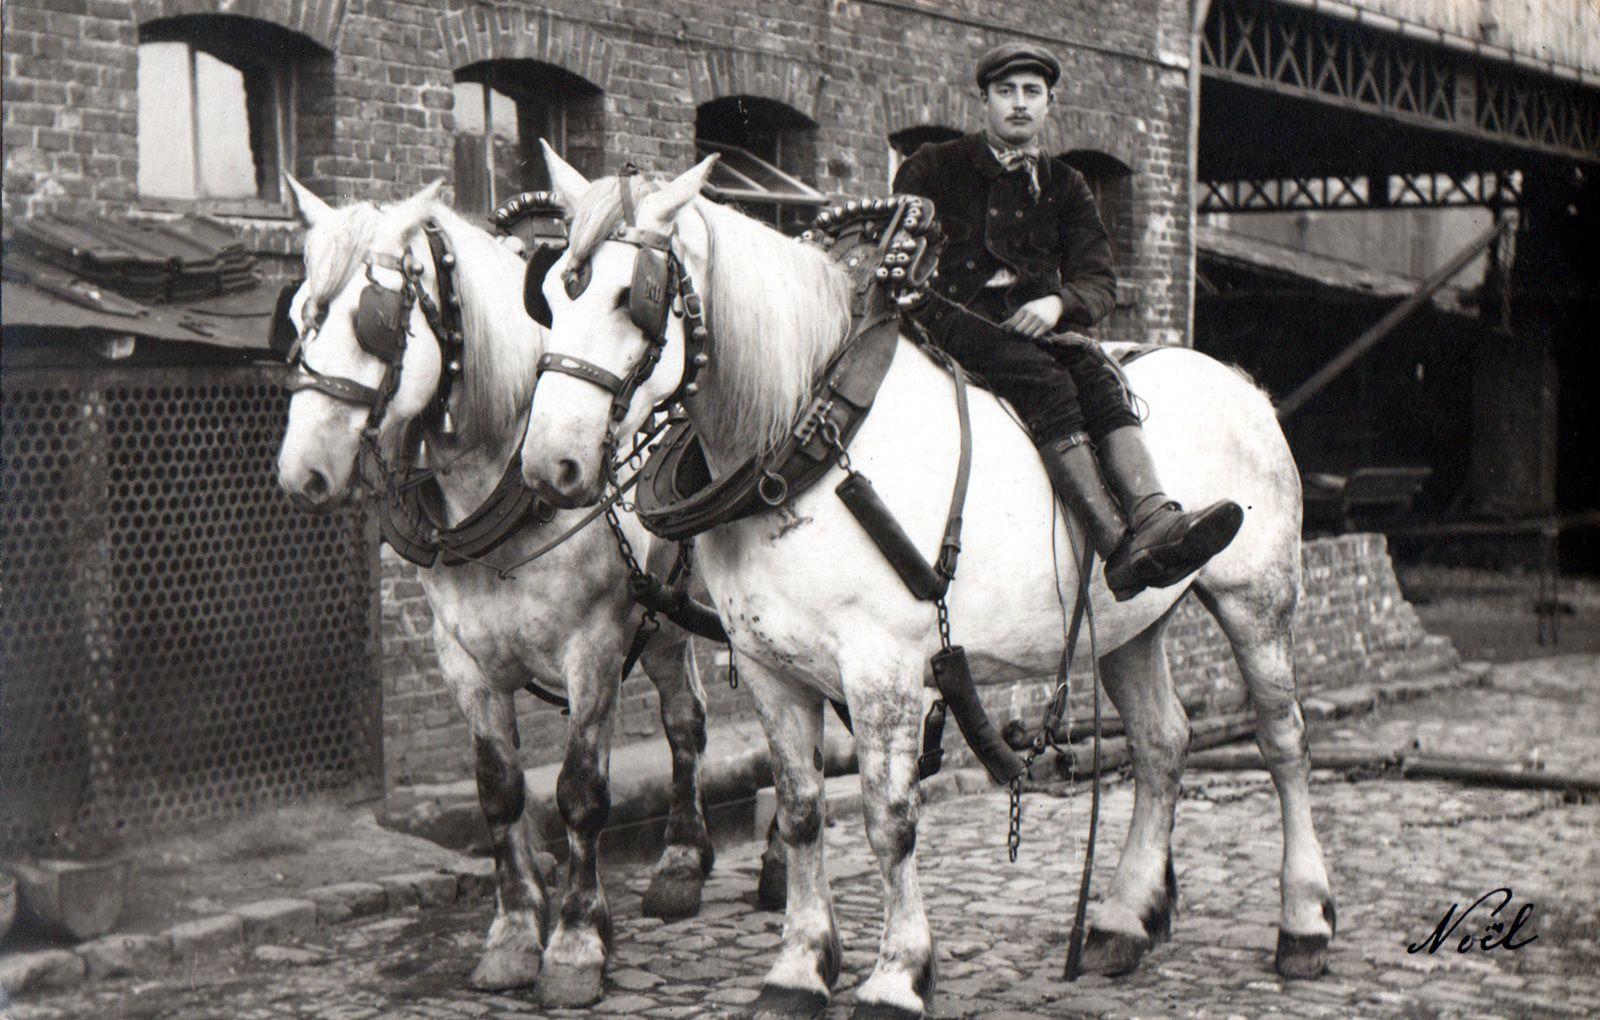 Dans sa déclinaison « trait », le Boulonnais était, au XIXème siècle, considéré comme LE cheval de roulage par excellence. Il n'acquit pourtant jamais la notoriété des Percherons, des Shires ou des Belges auprès de la clientèle étrangère.